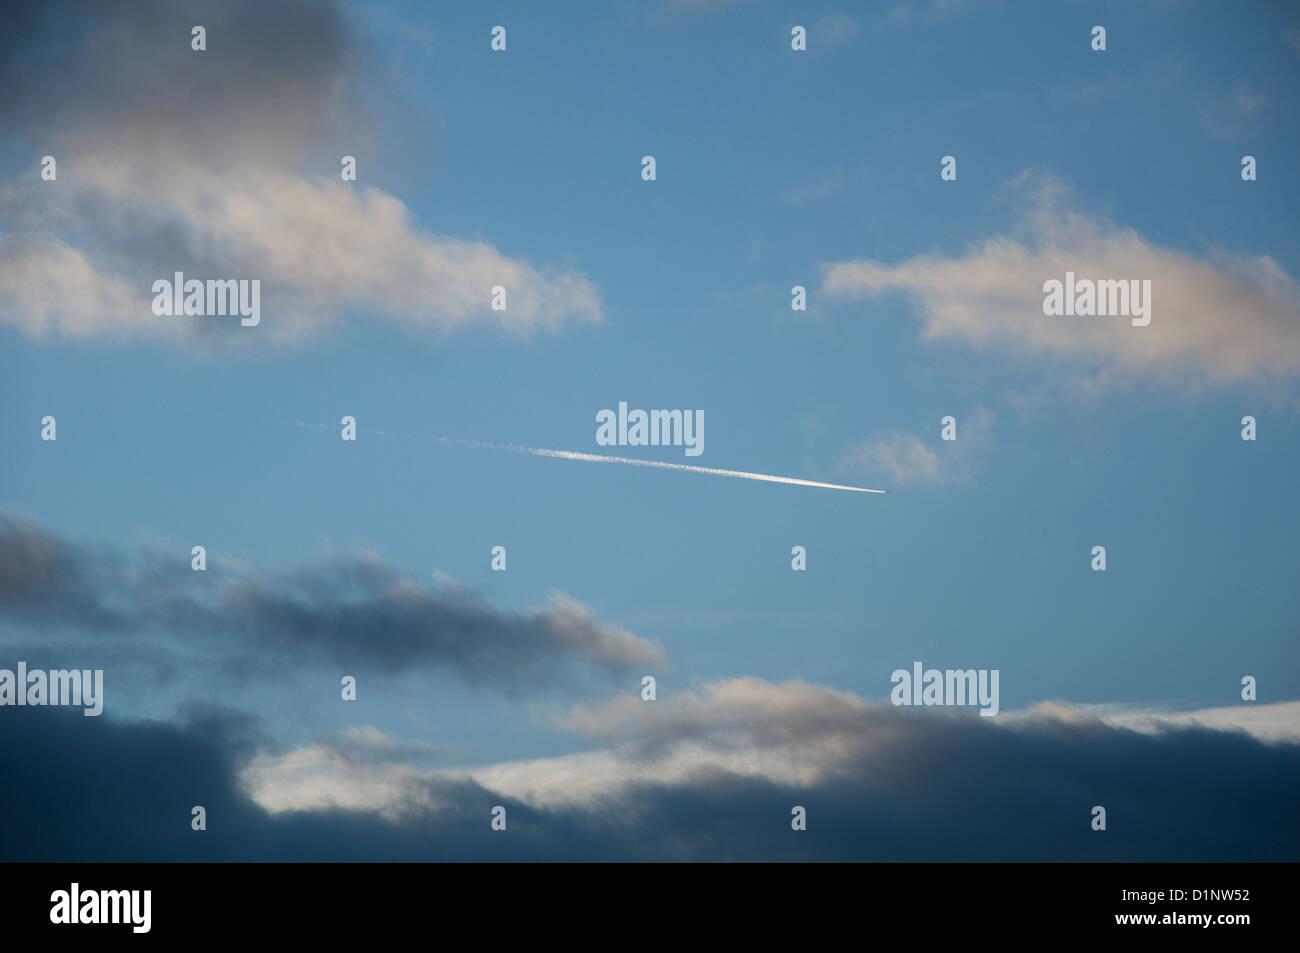 Traînée de condensation d'avion. Comme l'avion se déplace de la gauche dans l'image, Photo Stock